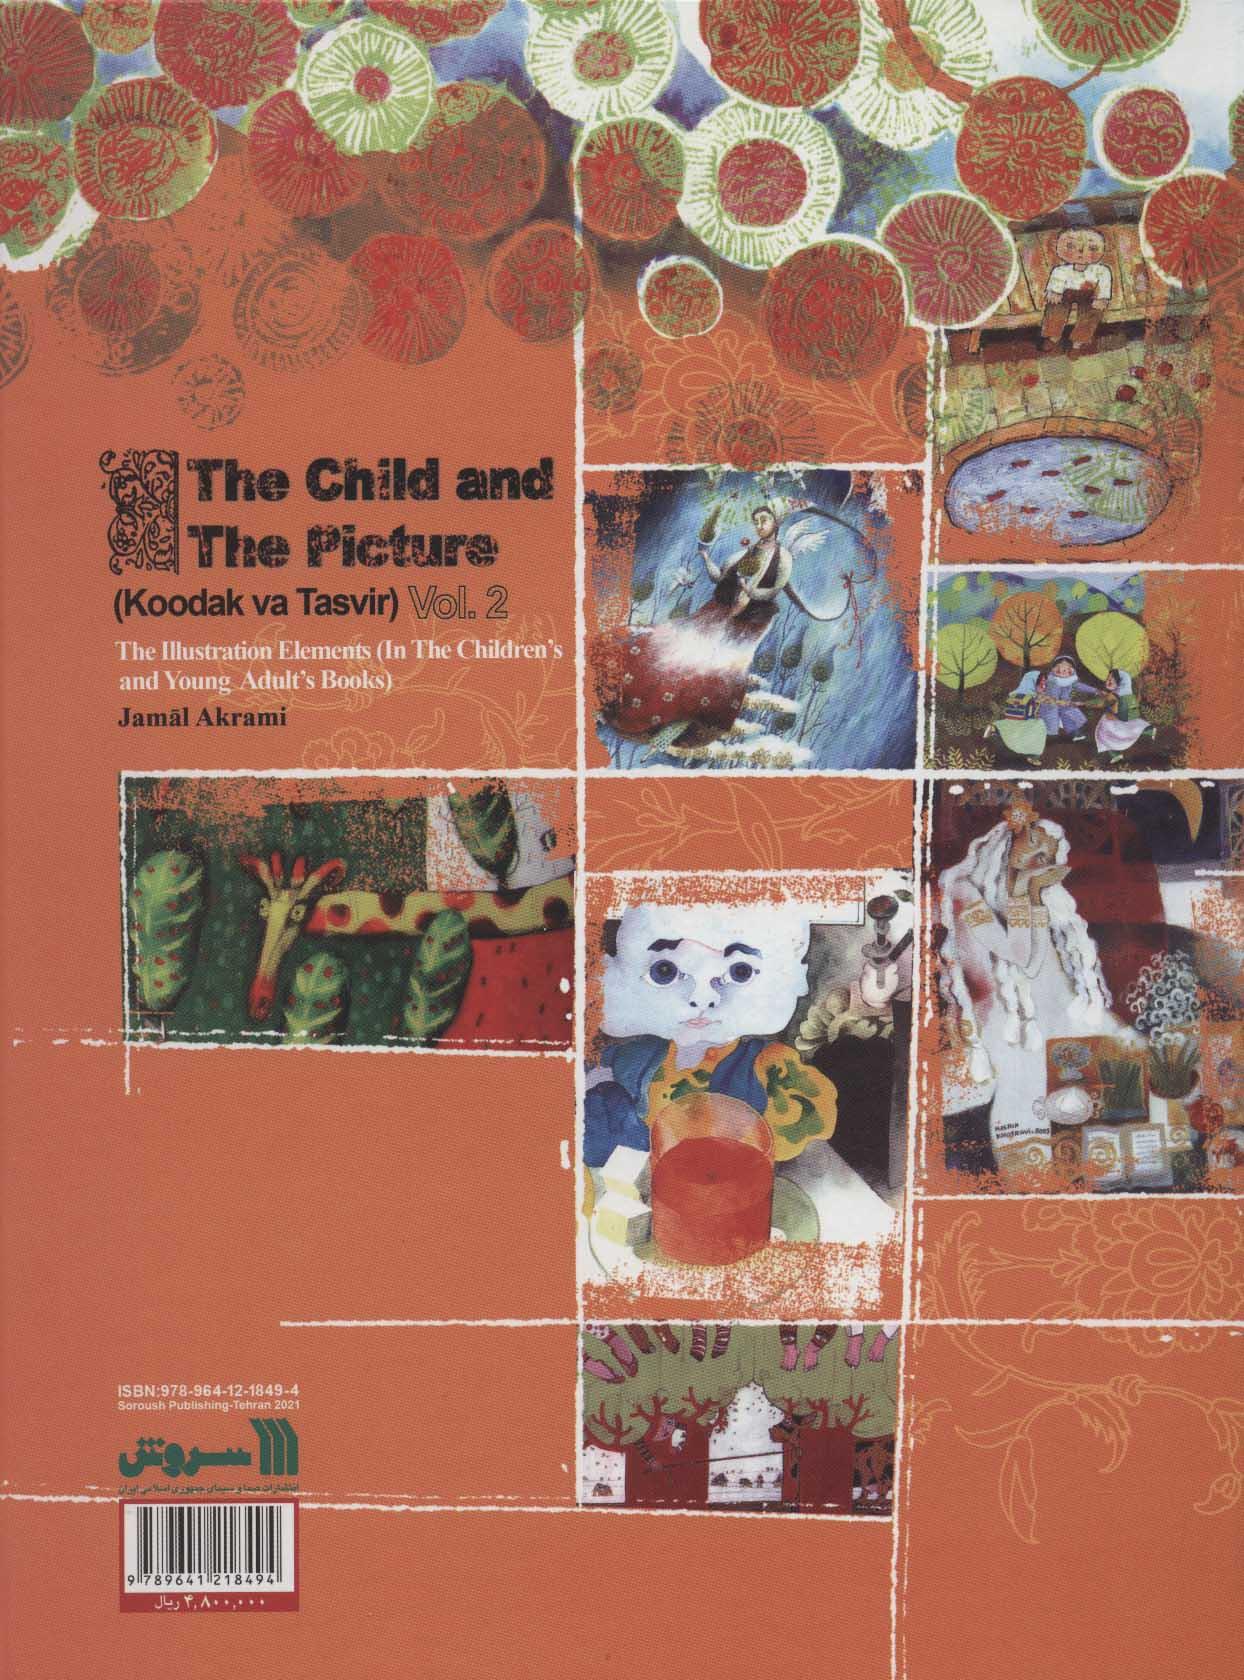 کودک و تصویر 2 (جستارهایی در تصویرگری کتاب های کودکان و نوجوانان)،(گلاسه)